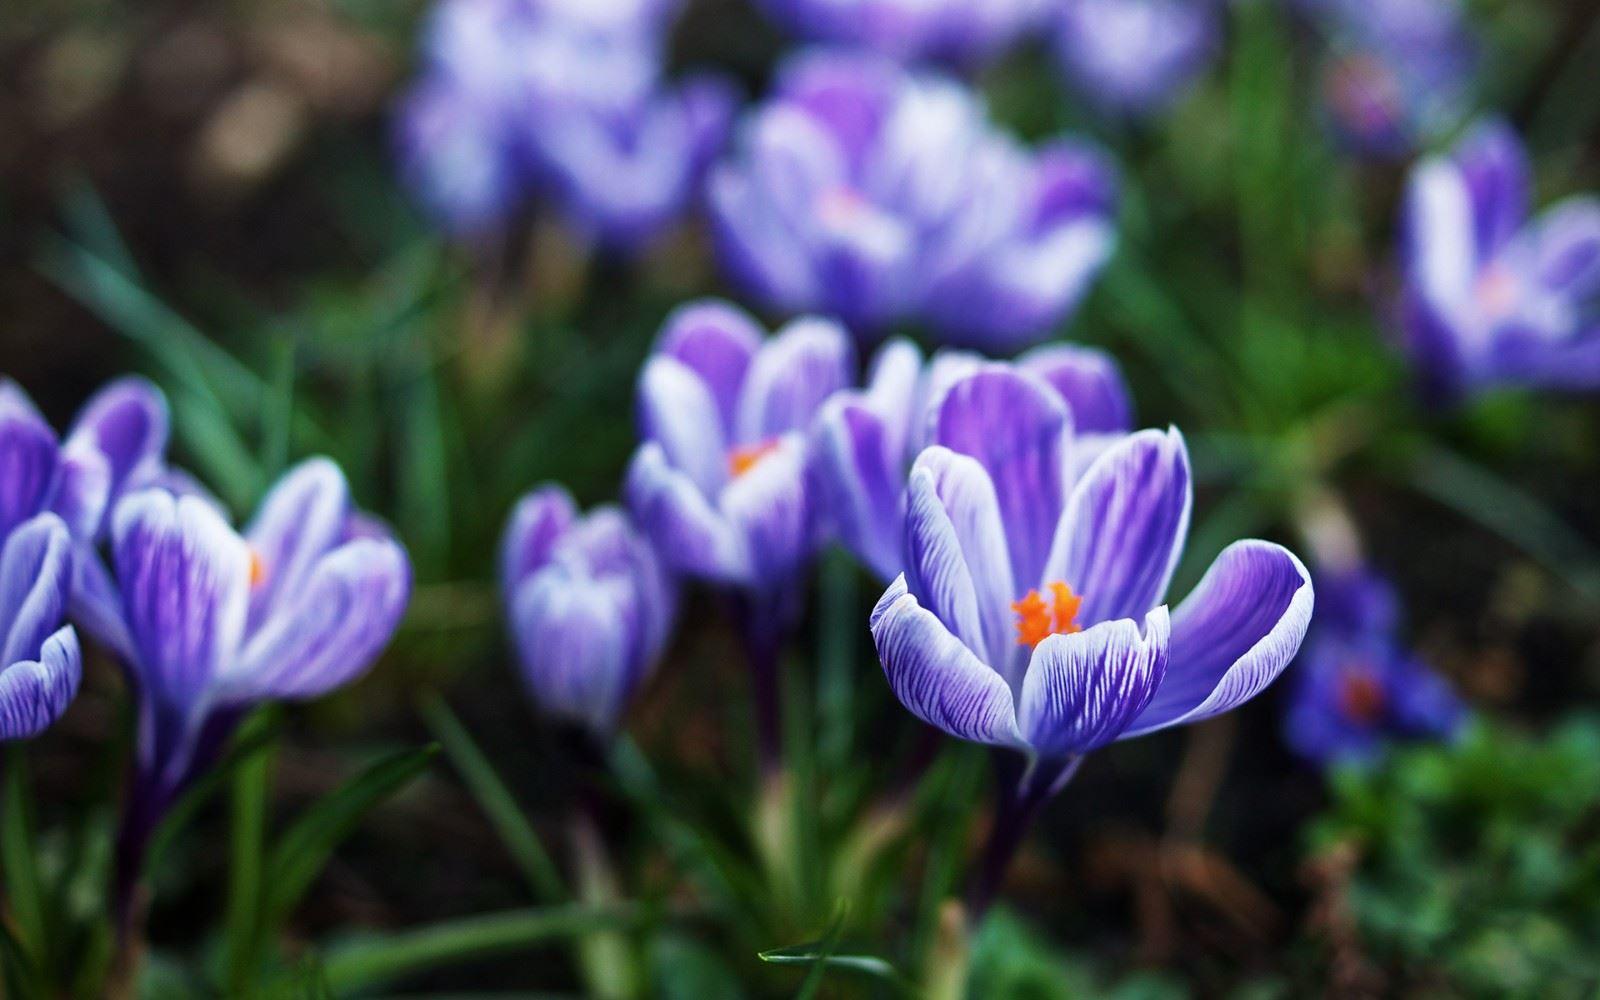 一簇簇迎春花缤纷